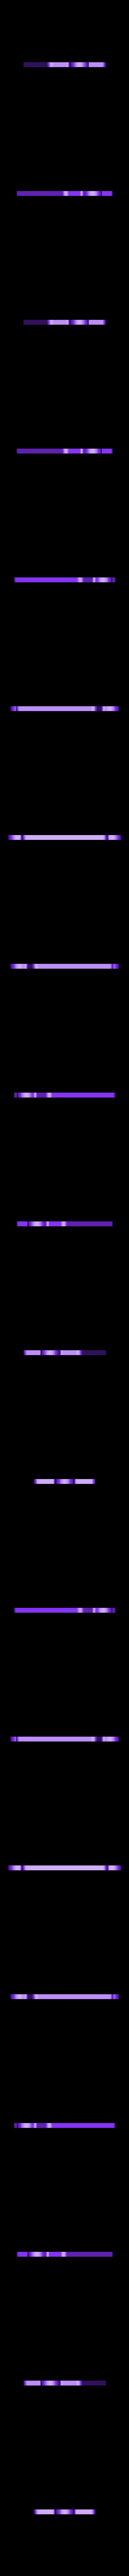 Case_Cover.STL Télécharger fichier STL gratuit Ponceuse à disque GIANT • Modèle à imprimer en 3D, perinski